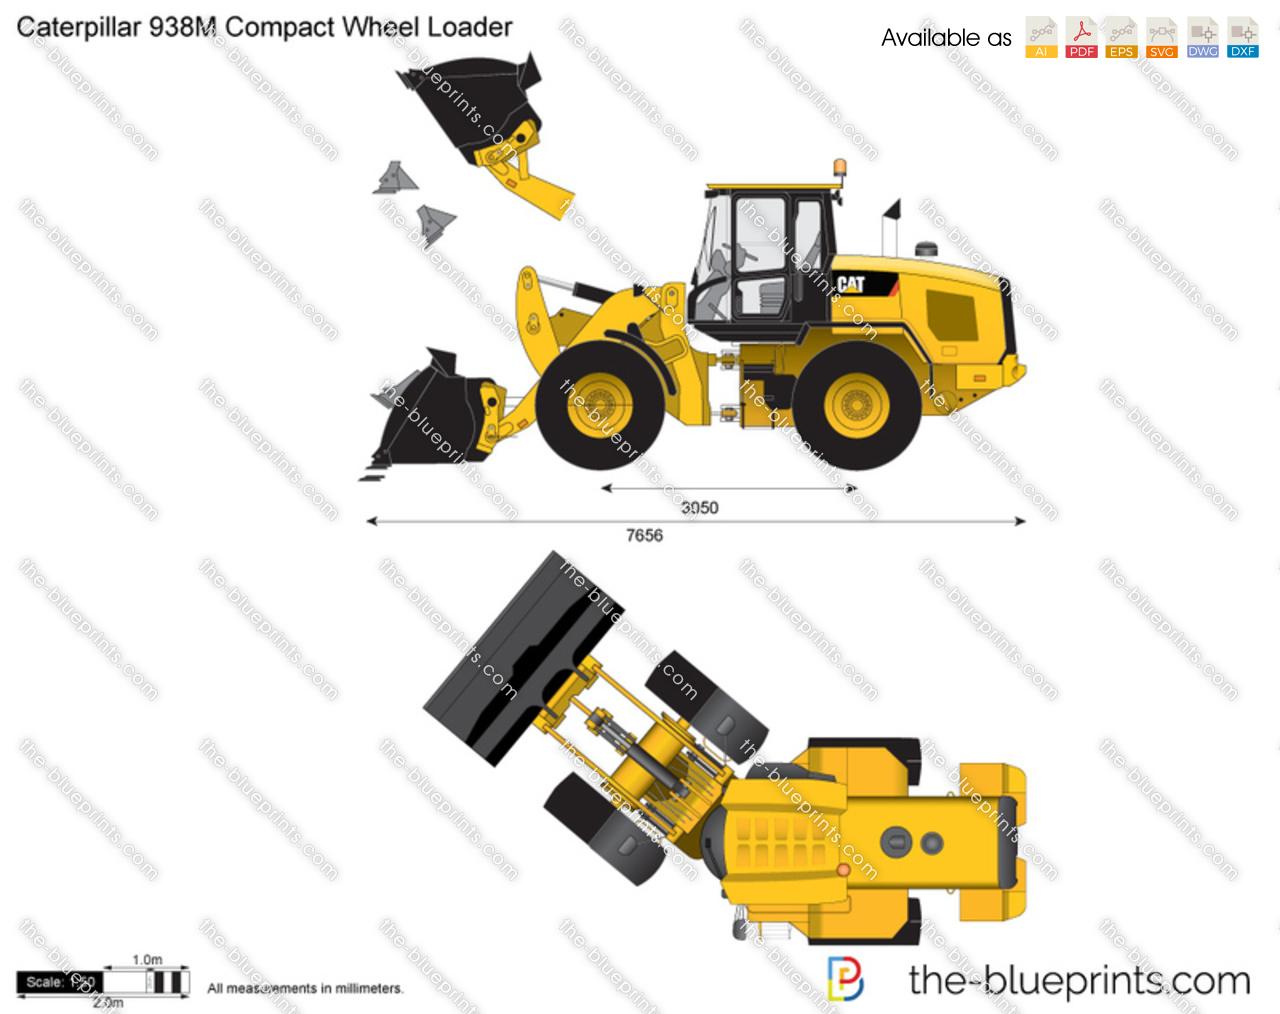 Caterpillar 938M Compact Wheel Loader